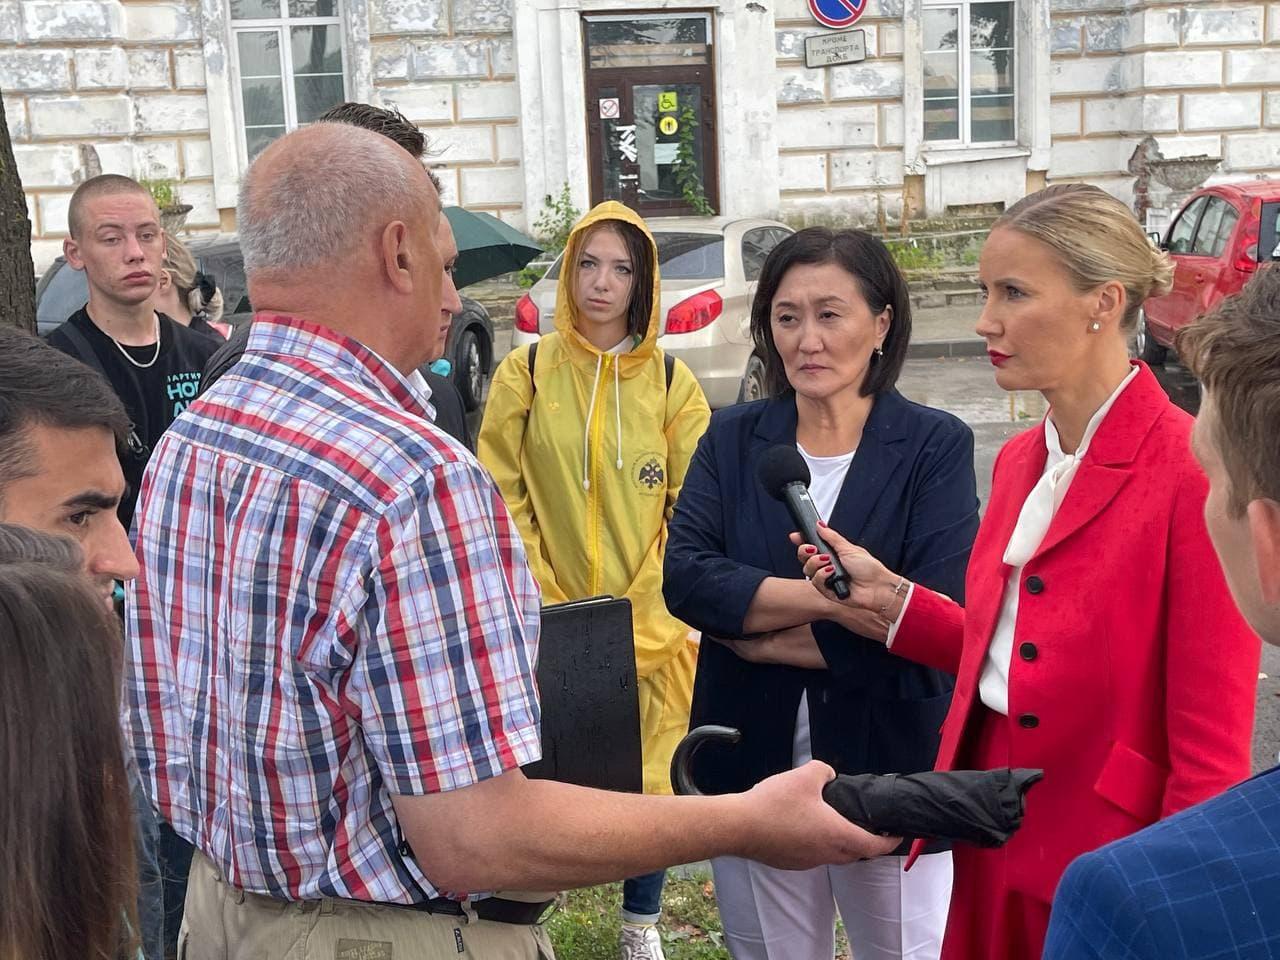 Сардана Авксентьева: регионам необходимы инициативные депутаты из народа, а не вечные ставленники